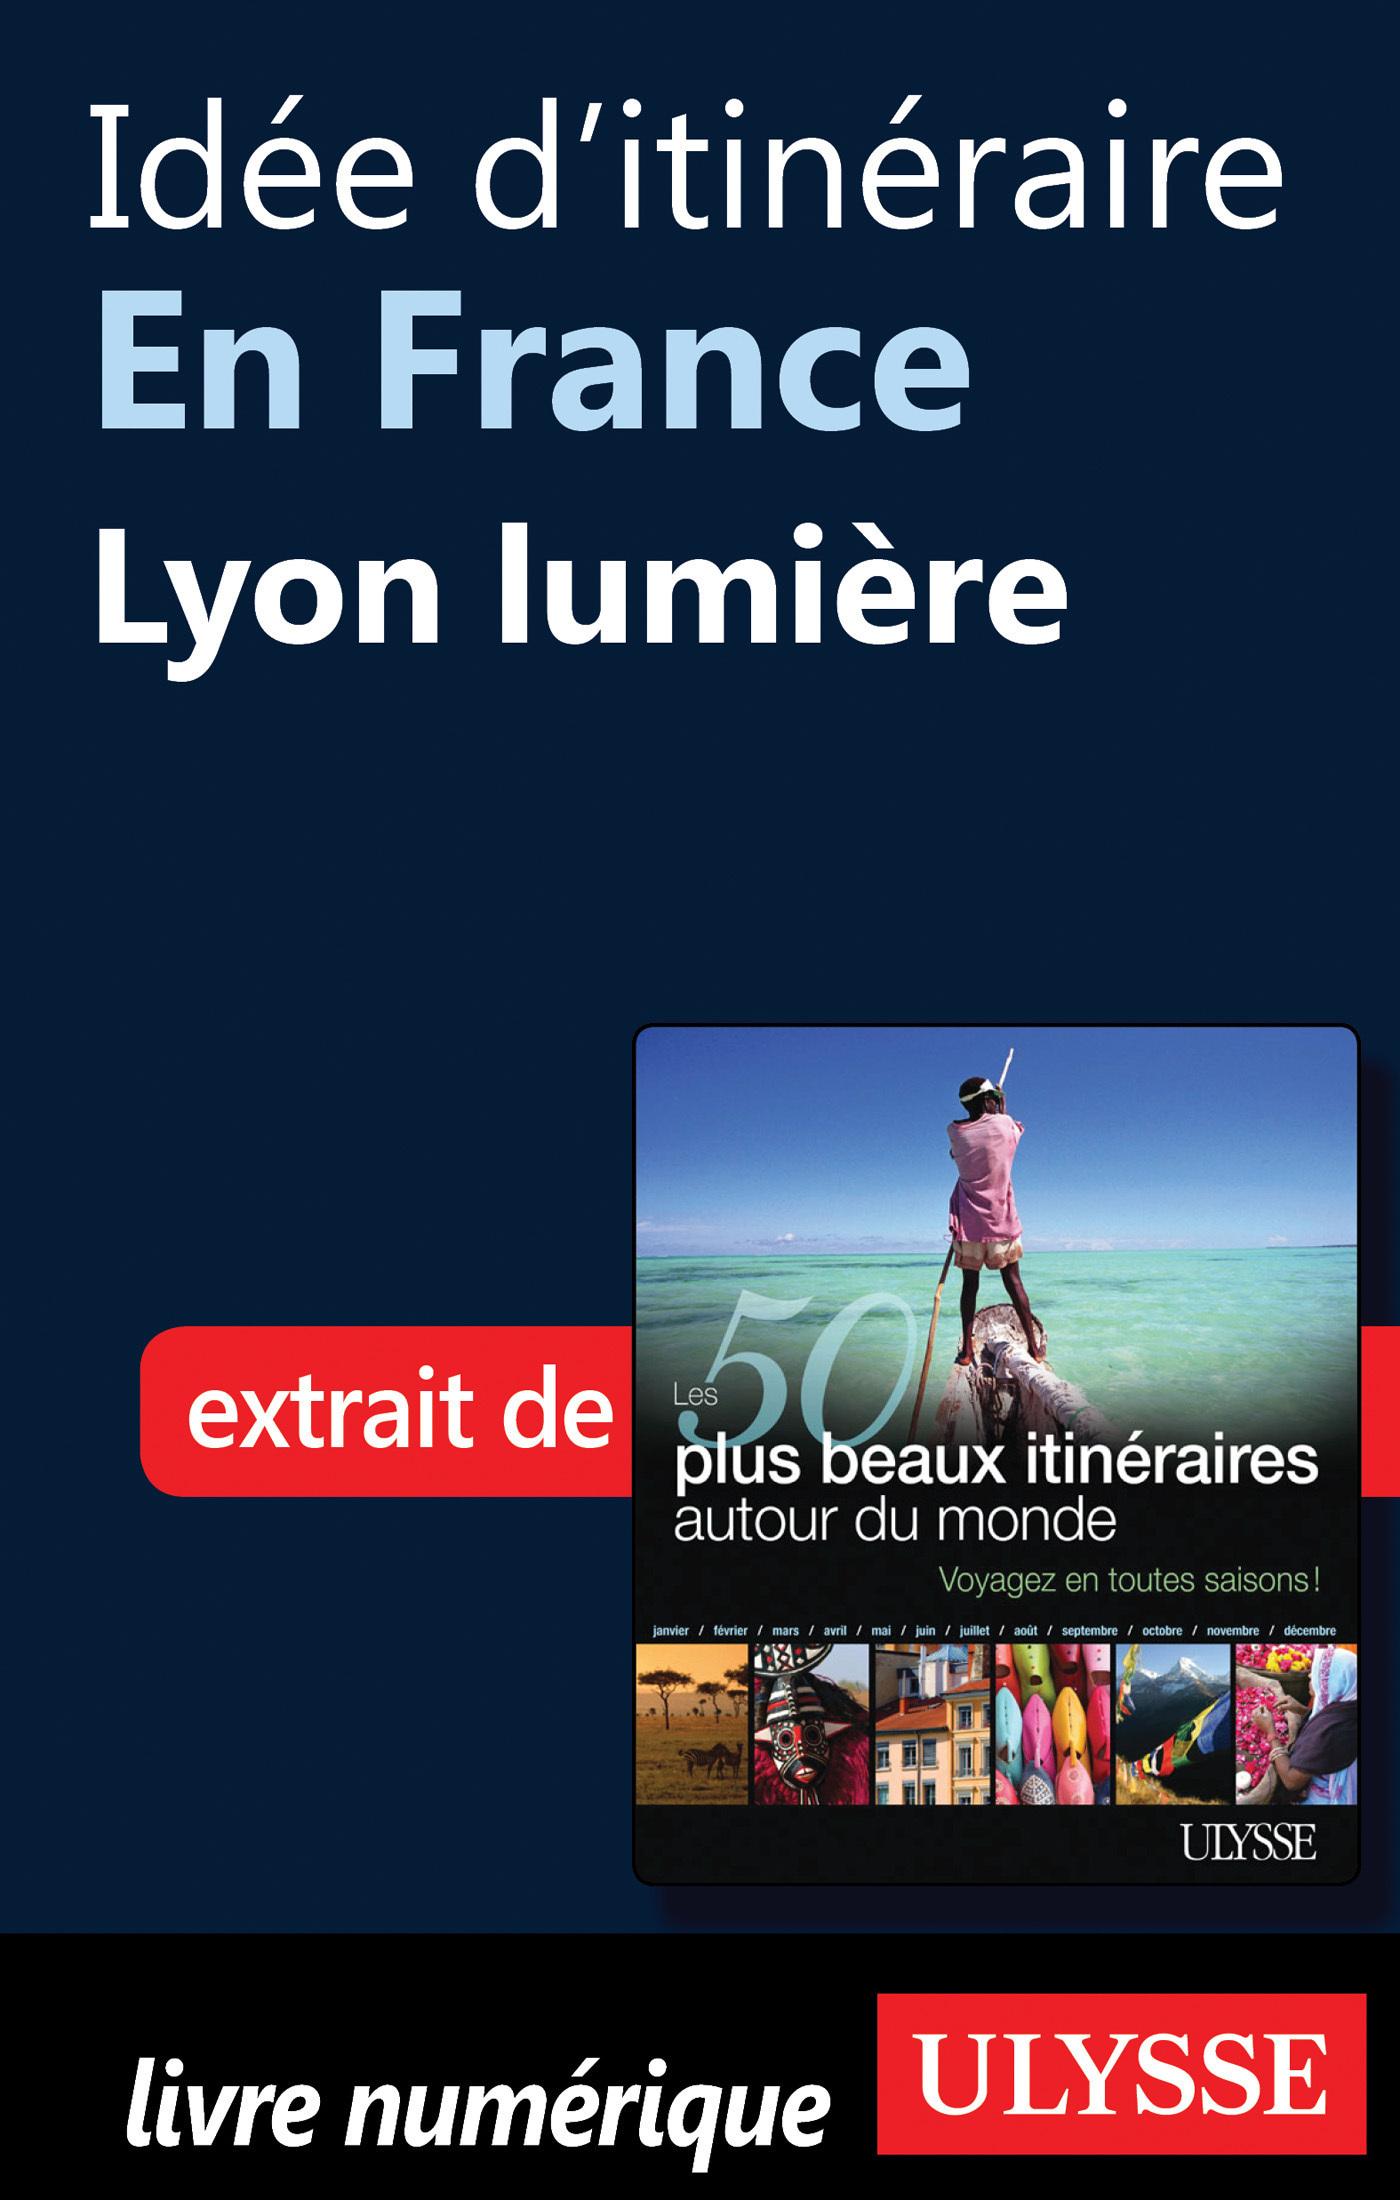 Idée d'itinéraire en France : Lyon lumière